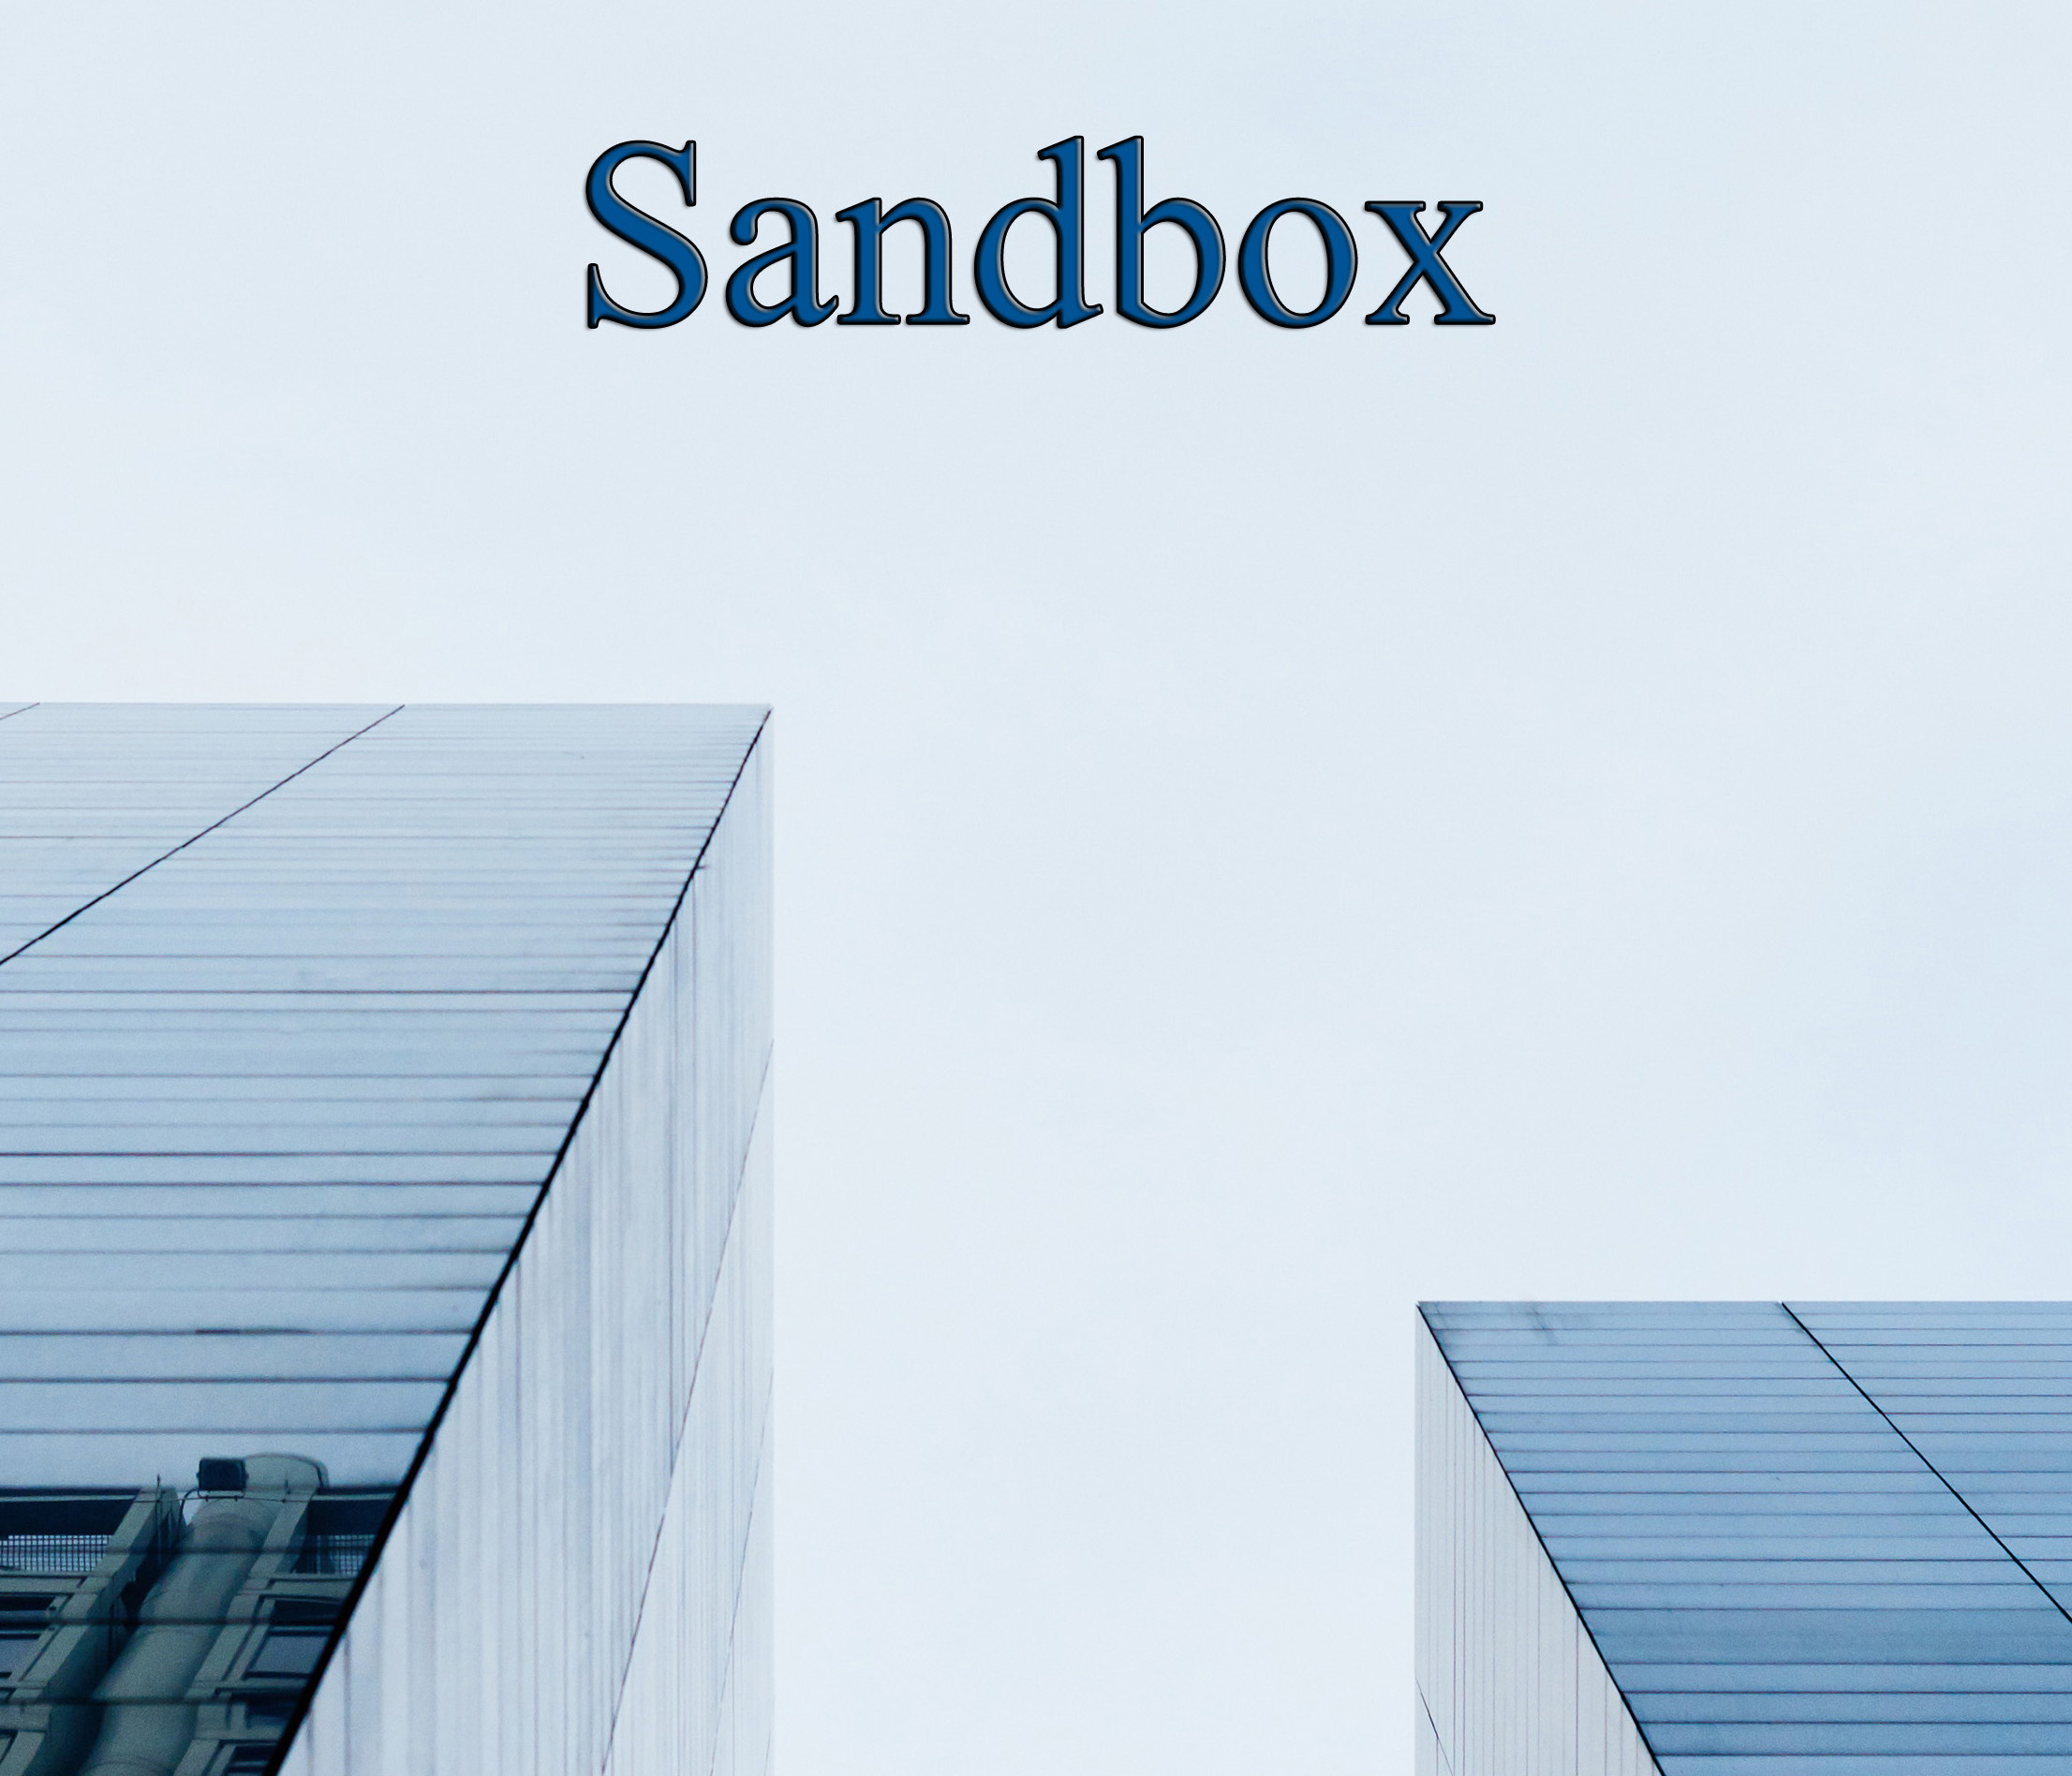 Sandbox entrada ¿Qué es el sandbox?